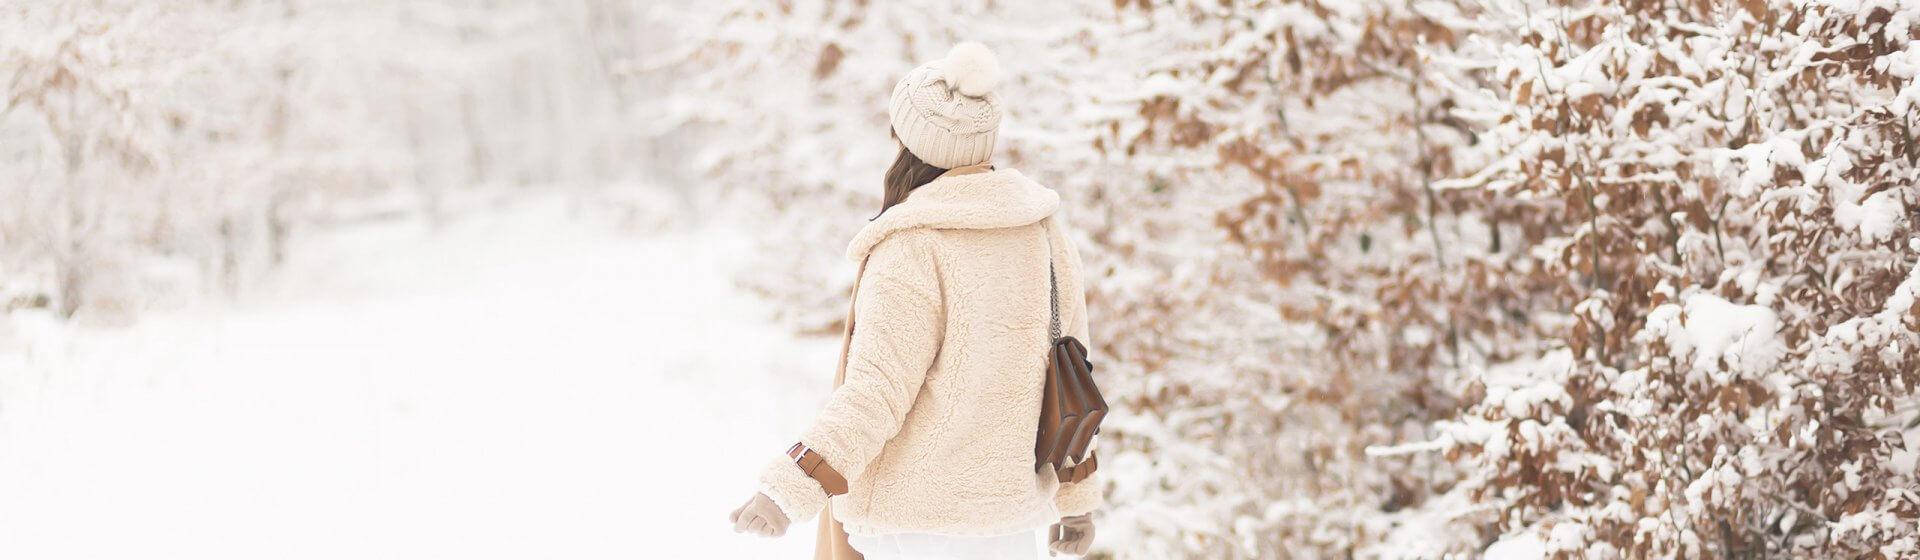 Cocooning Trend, gemütliches Winteroutfit mit Teddy Jacke, Shoelove by Deichmann